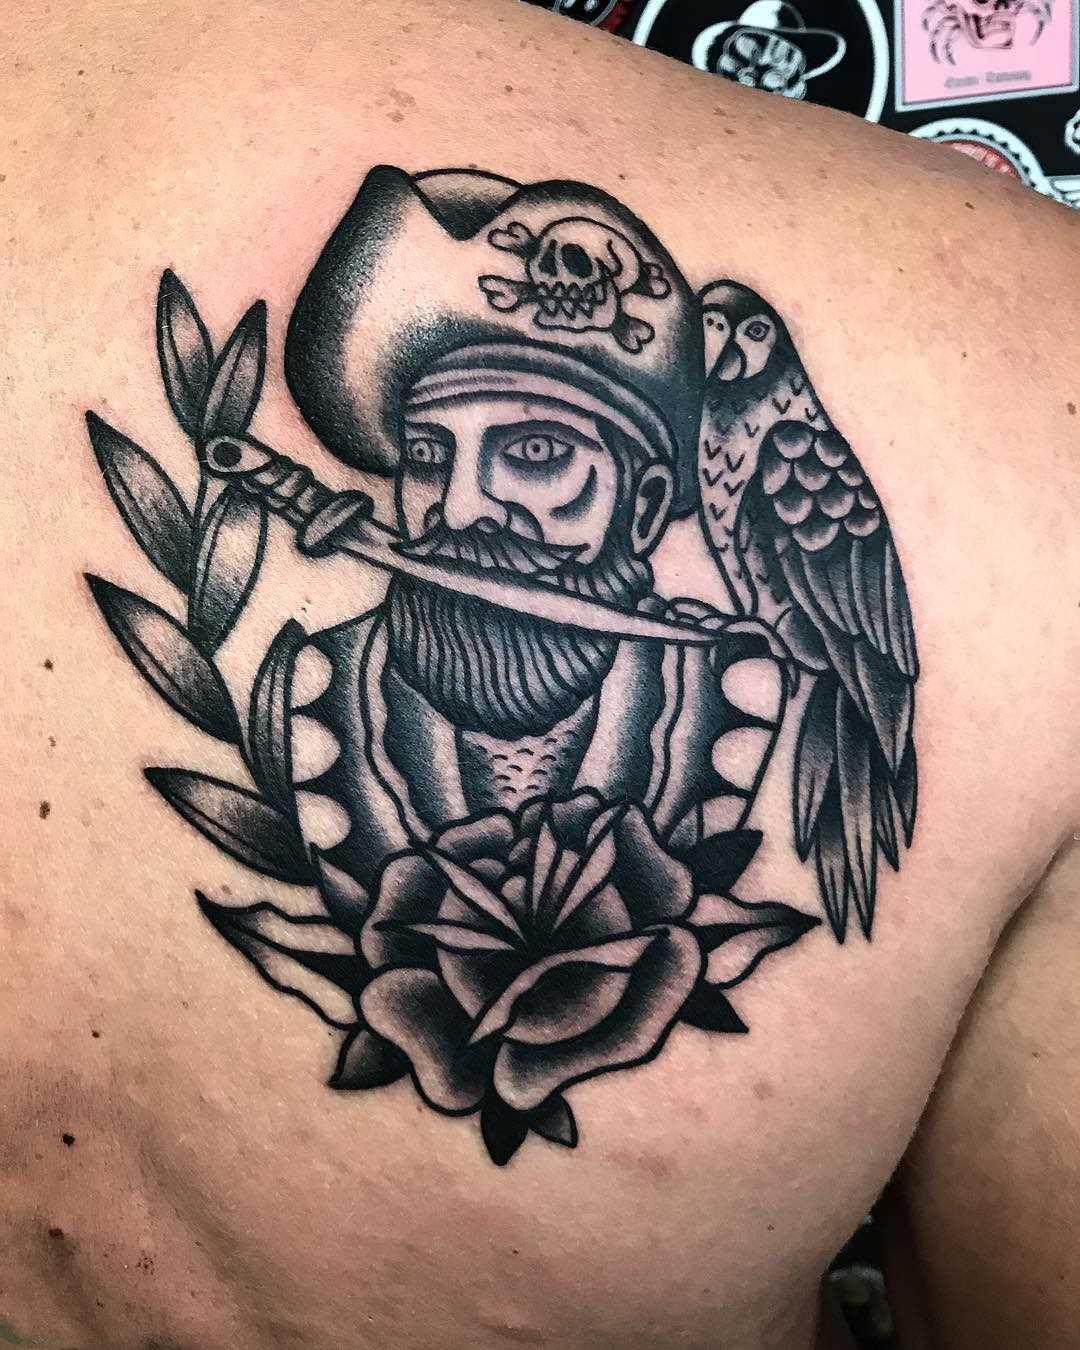 Tatuagem de um pirata com uma rosa na lâmina cara